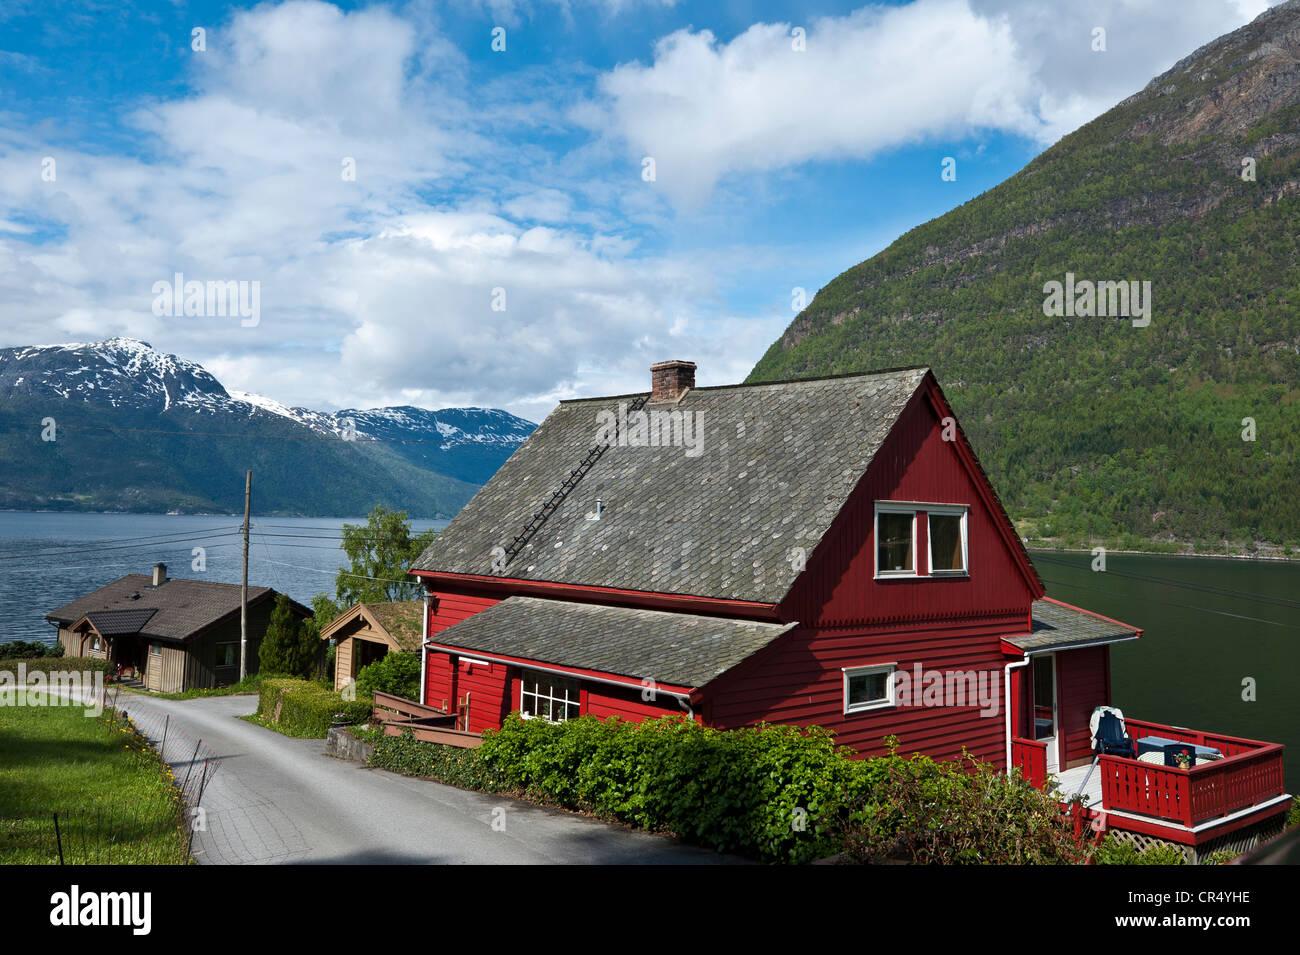 Typischen roten Holzhaus am Hardanger Fjord, Norwegen, Skandinavien, Nordeuropa, PublicGround Stockbild